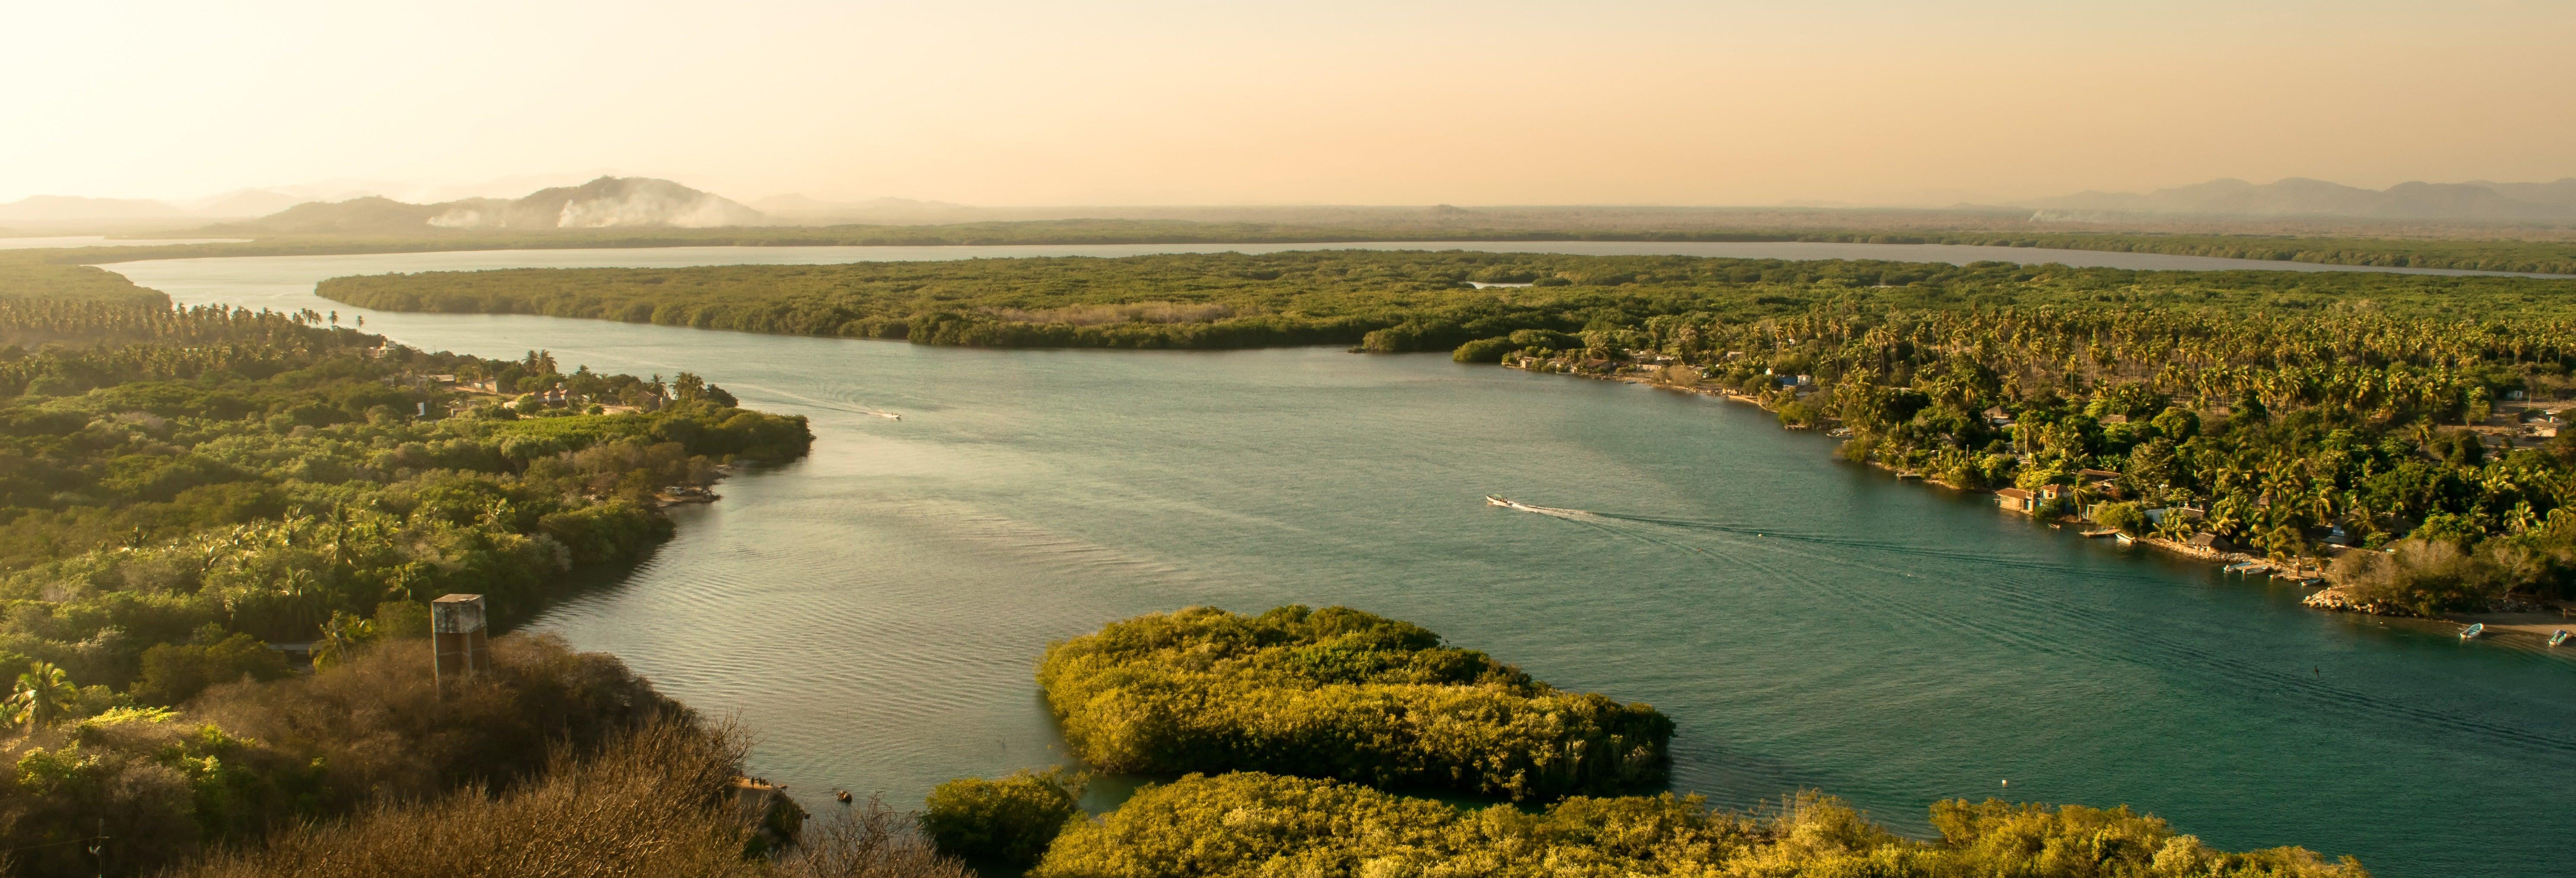 Excursión a Lagunas de Chacahua